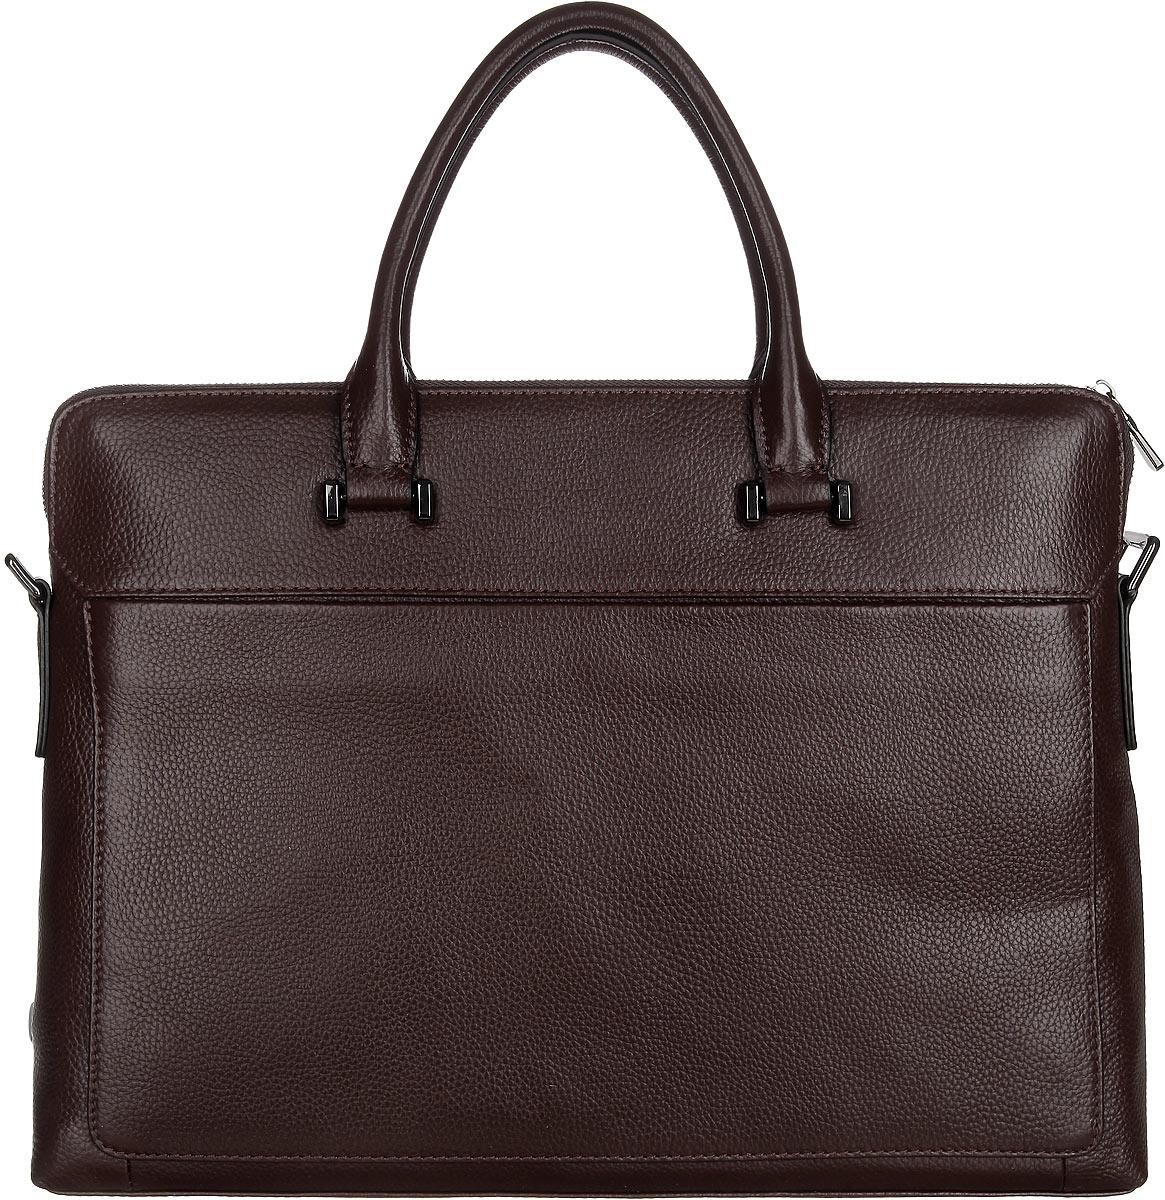 Сумка мужская Calipso, цвет: темно-коричневый. 001-020986-172001-020986-172Стильная мужская сумка Calipso изготовлена из натуральной кожи c фактурным тиснением. Изделие имеет одно отделение, разделено пополам карманом-средником на застежке-молнии. Закрывается сумка на металлическую застежку-молнию. Внутри находятся два прорезных открытых кармана и прорезной карман на застежке-молнии. Снаружи, на передней и задней стенках расположены накладные карманы на магнитных кнопках. Изделие оснащено двумя удобными ручками. В комплект входит съемный текстильный наплечный ремень, который регулируется по длине. Стильная сумка поможет вам подчеркнуть чувство стиля и завершить выбранный образ.